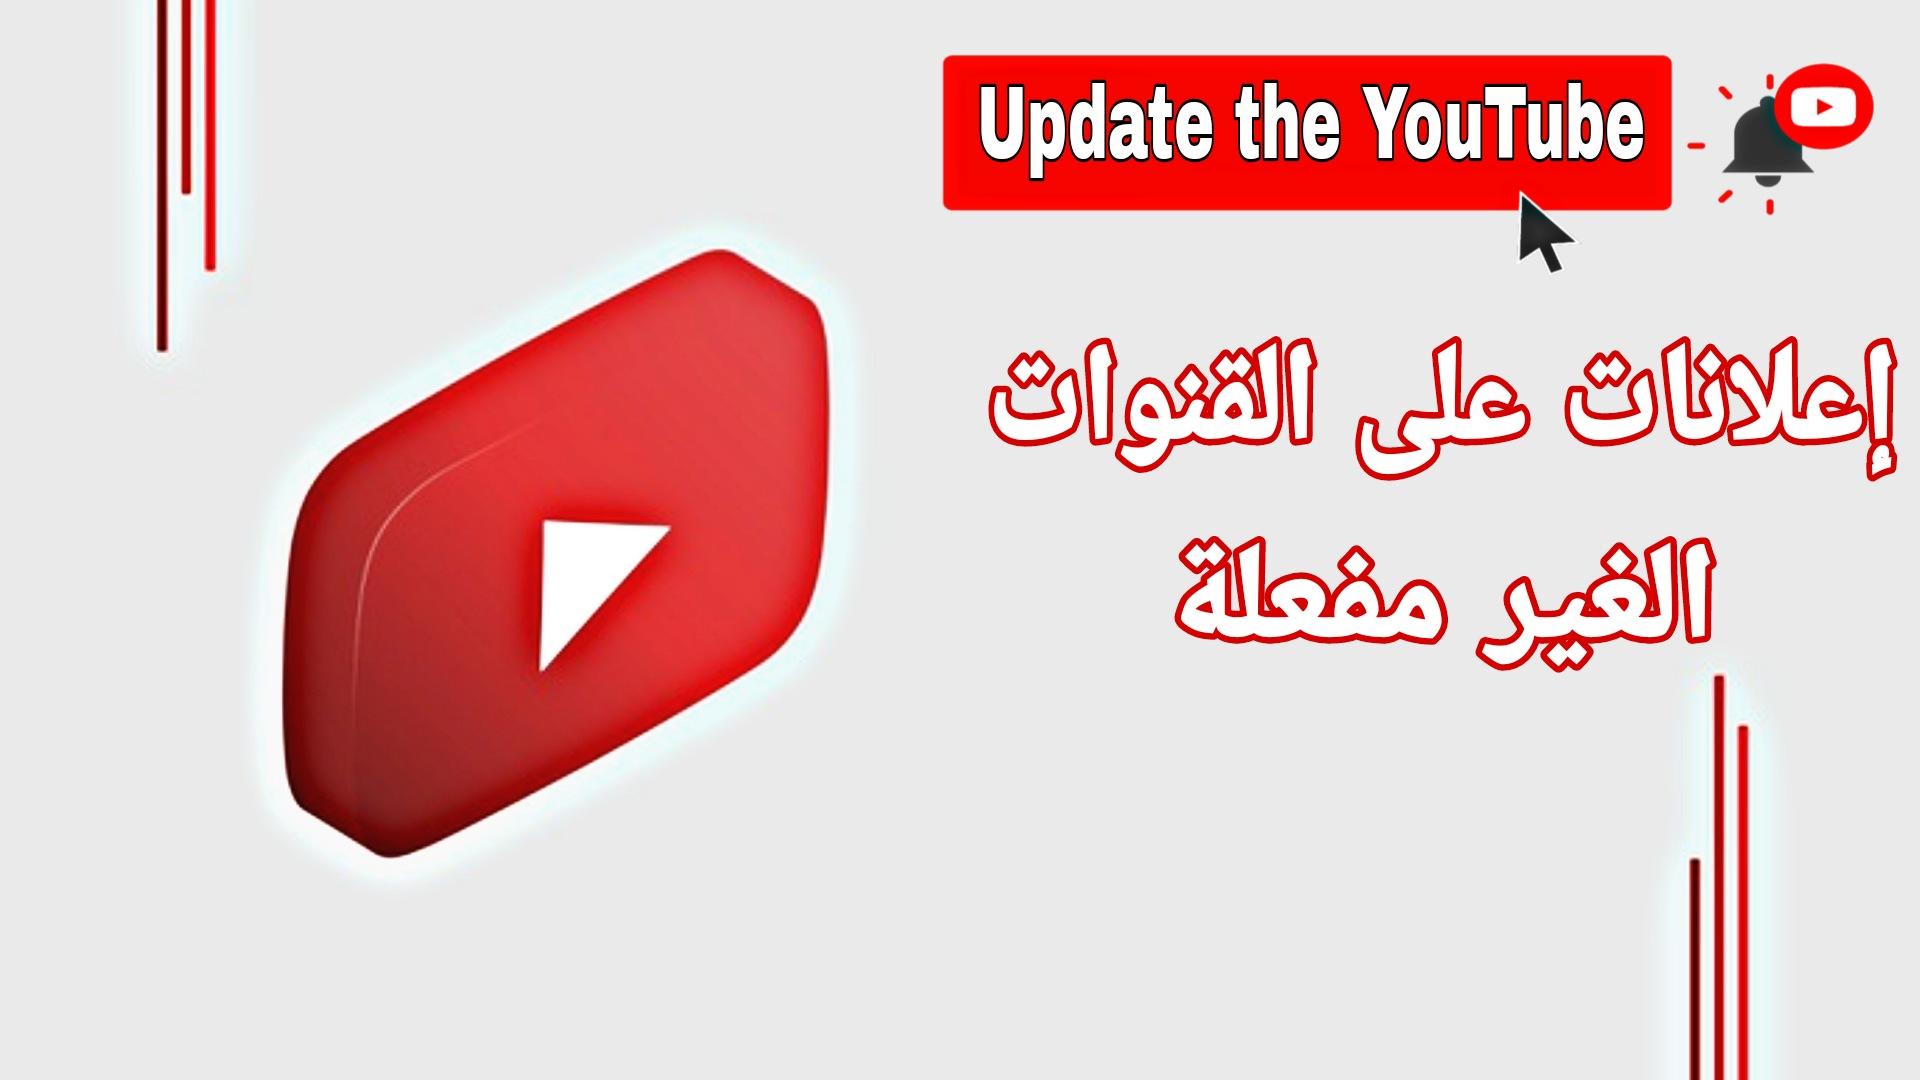 يعرض موقع YouTube إعلانات على قنوات غير مدفوعة